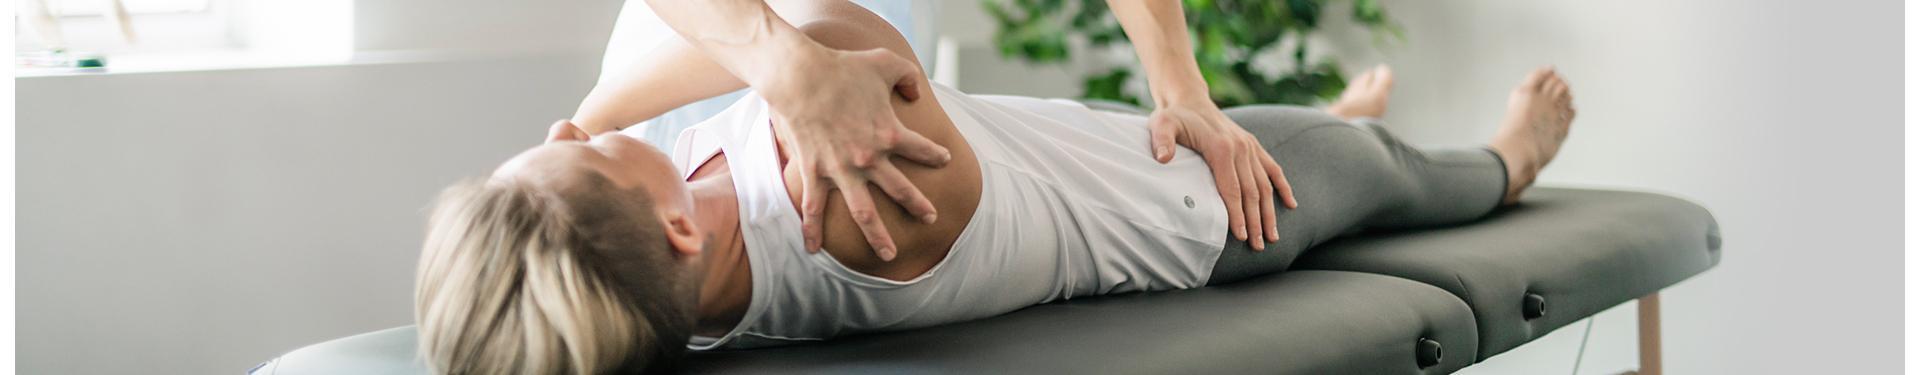 Pomoc lekarza podczas rehabilitacji